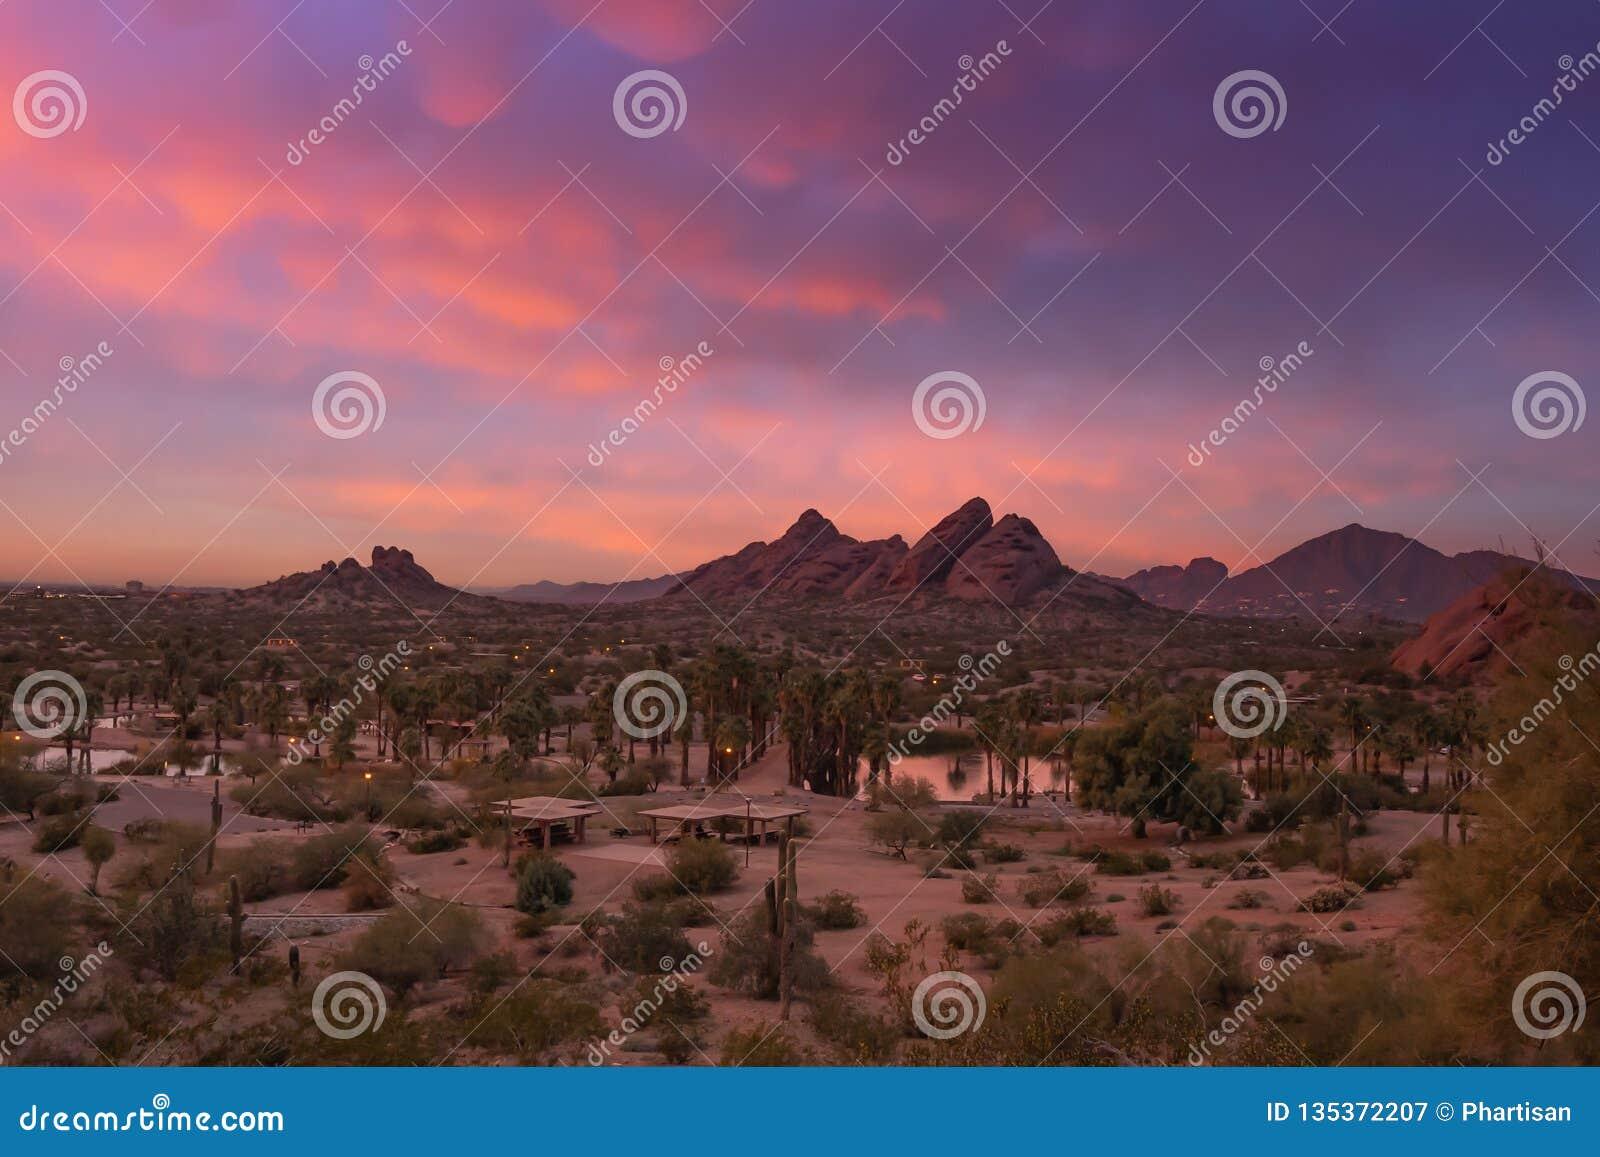 Ζαλίζοντας ηλιοβασίλεμα πέρα από το Phoenix, Αριζόνα, πάρκο Papago στο πρώτο πλάνο